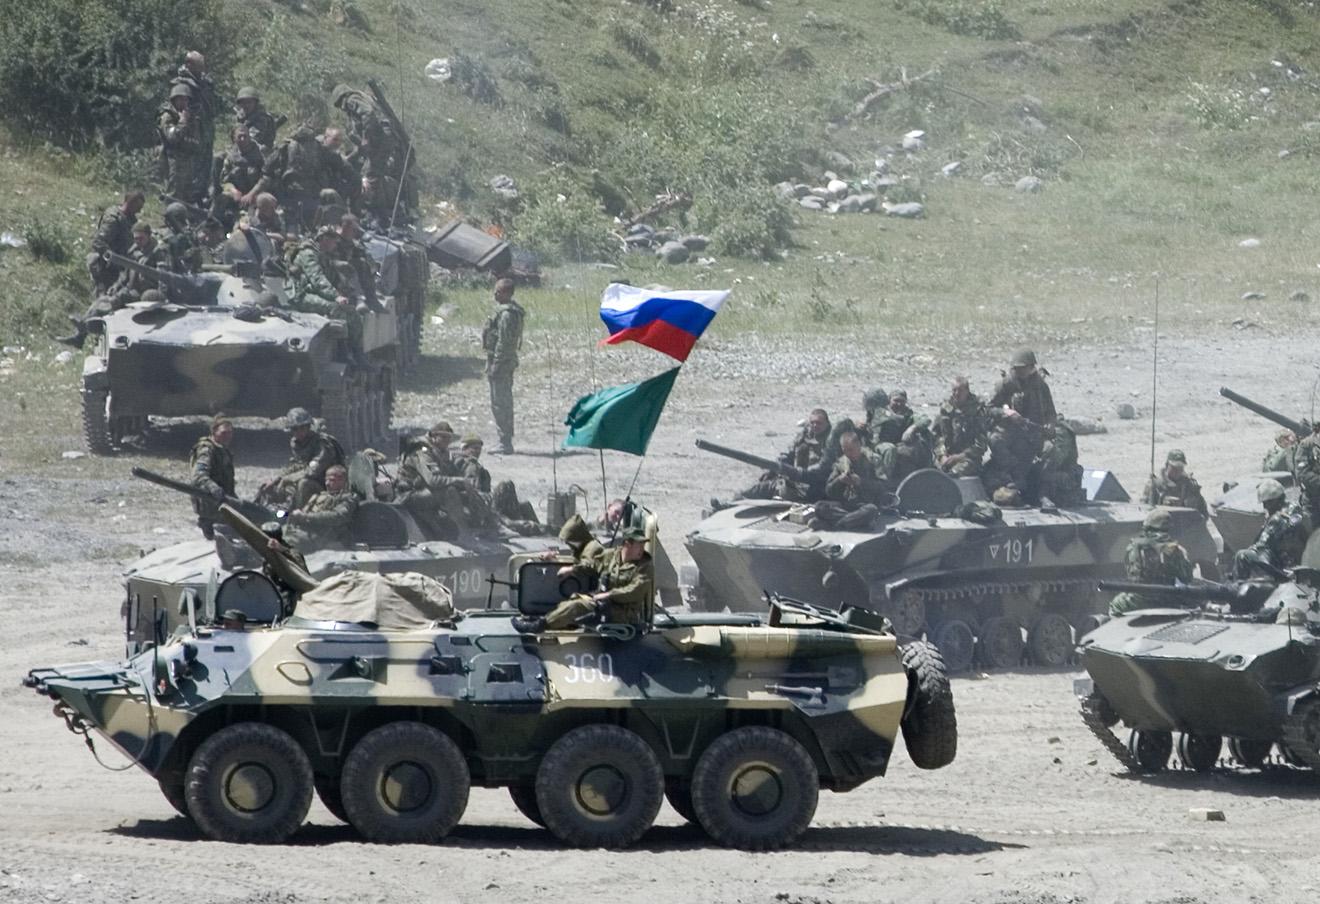 Российские войска движутся в сторону границы Южной Осетии, 9 августа 2008. Фото: Михаил Метцель / AP / East News